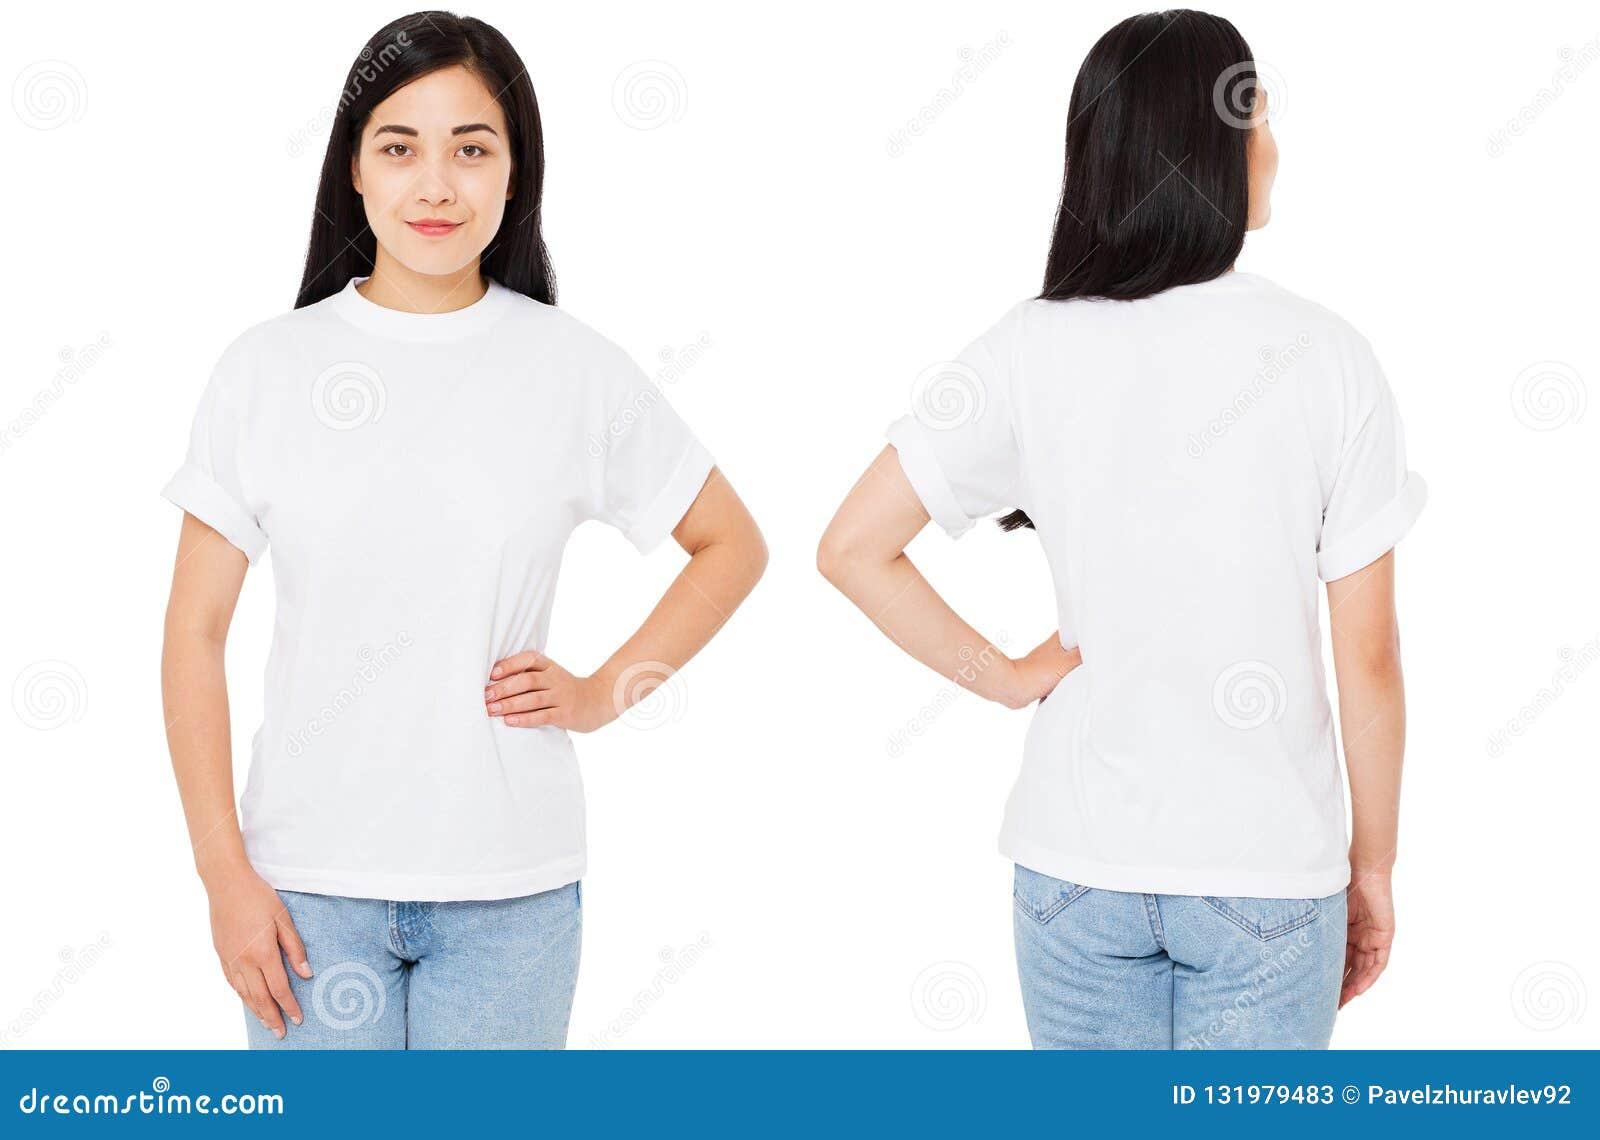 Grupo, asiático da colagem, mulher coreana no t-shirt isolado no fundo branco, trocista acima para o projeto Copie o espaço molde